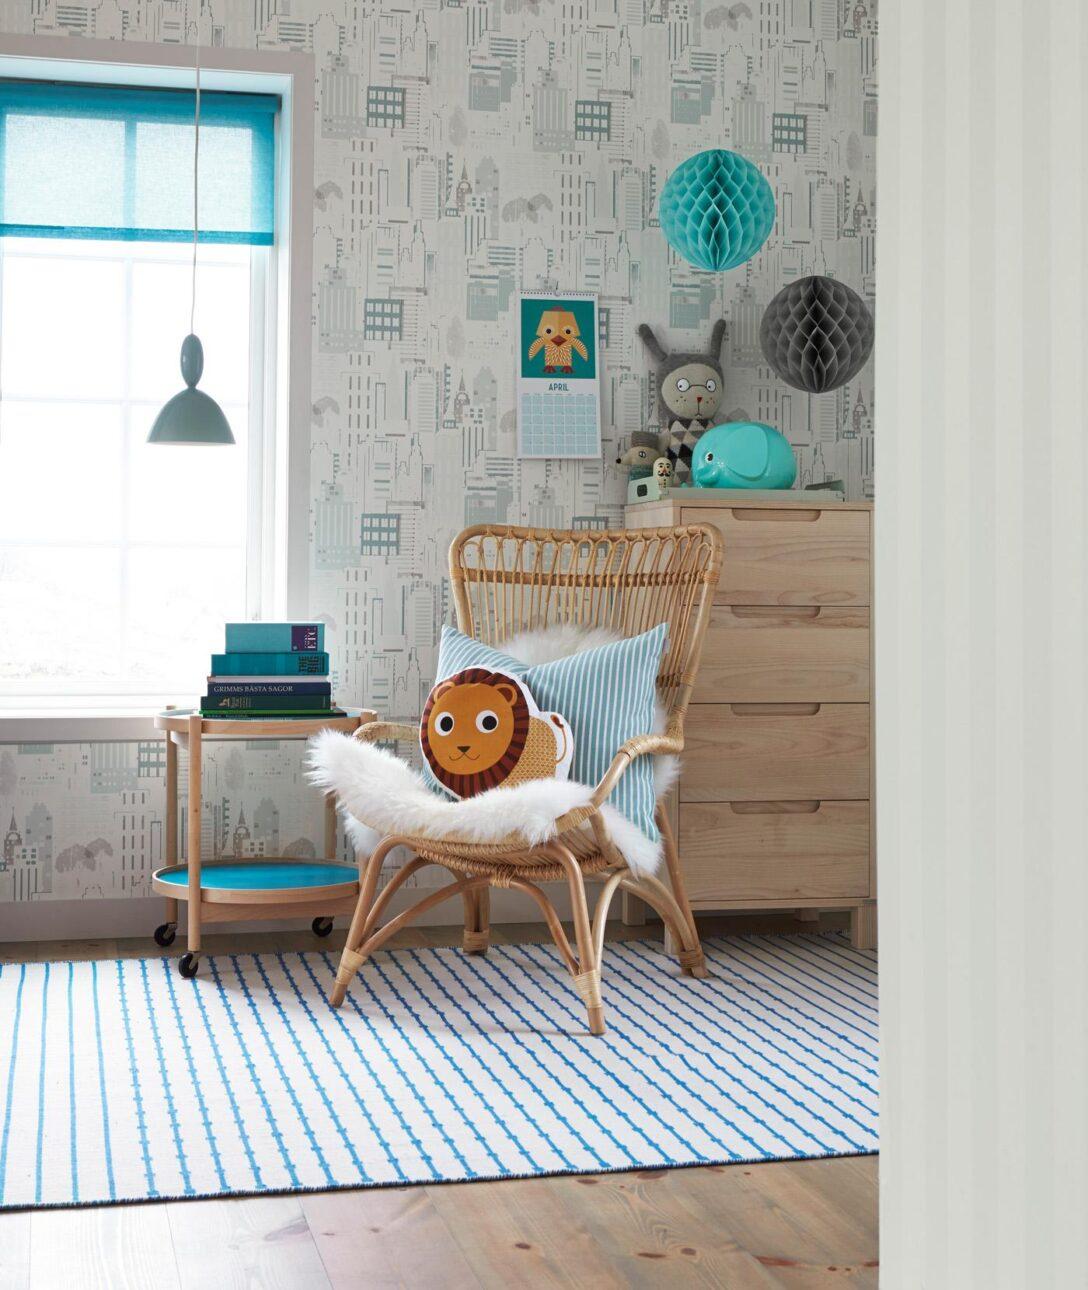 Large Size of Kreative Ideen Fr Wandgestaltung Im Kinderzimmer Fenster Plissee Regal Weiß Regale Sofa Kinderzimmer Plissee Kinderzimmer